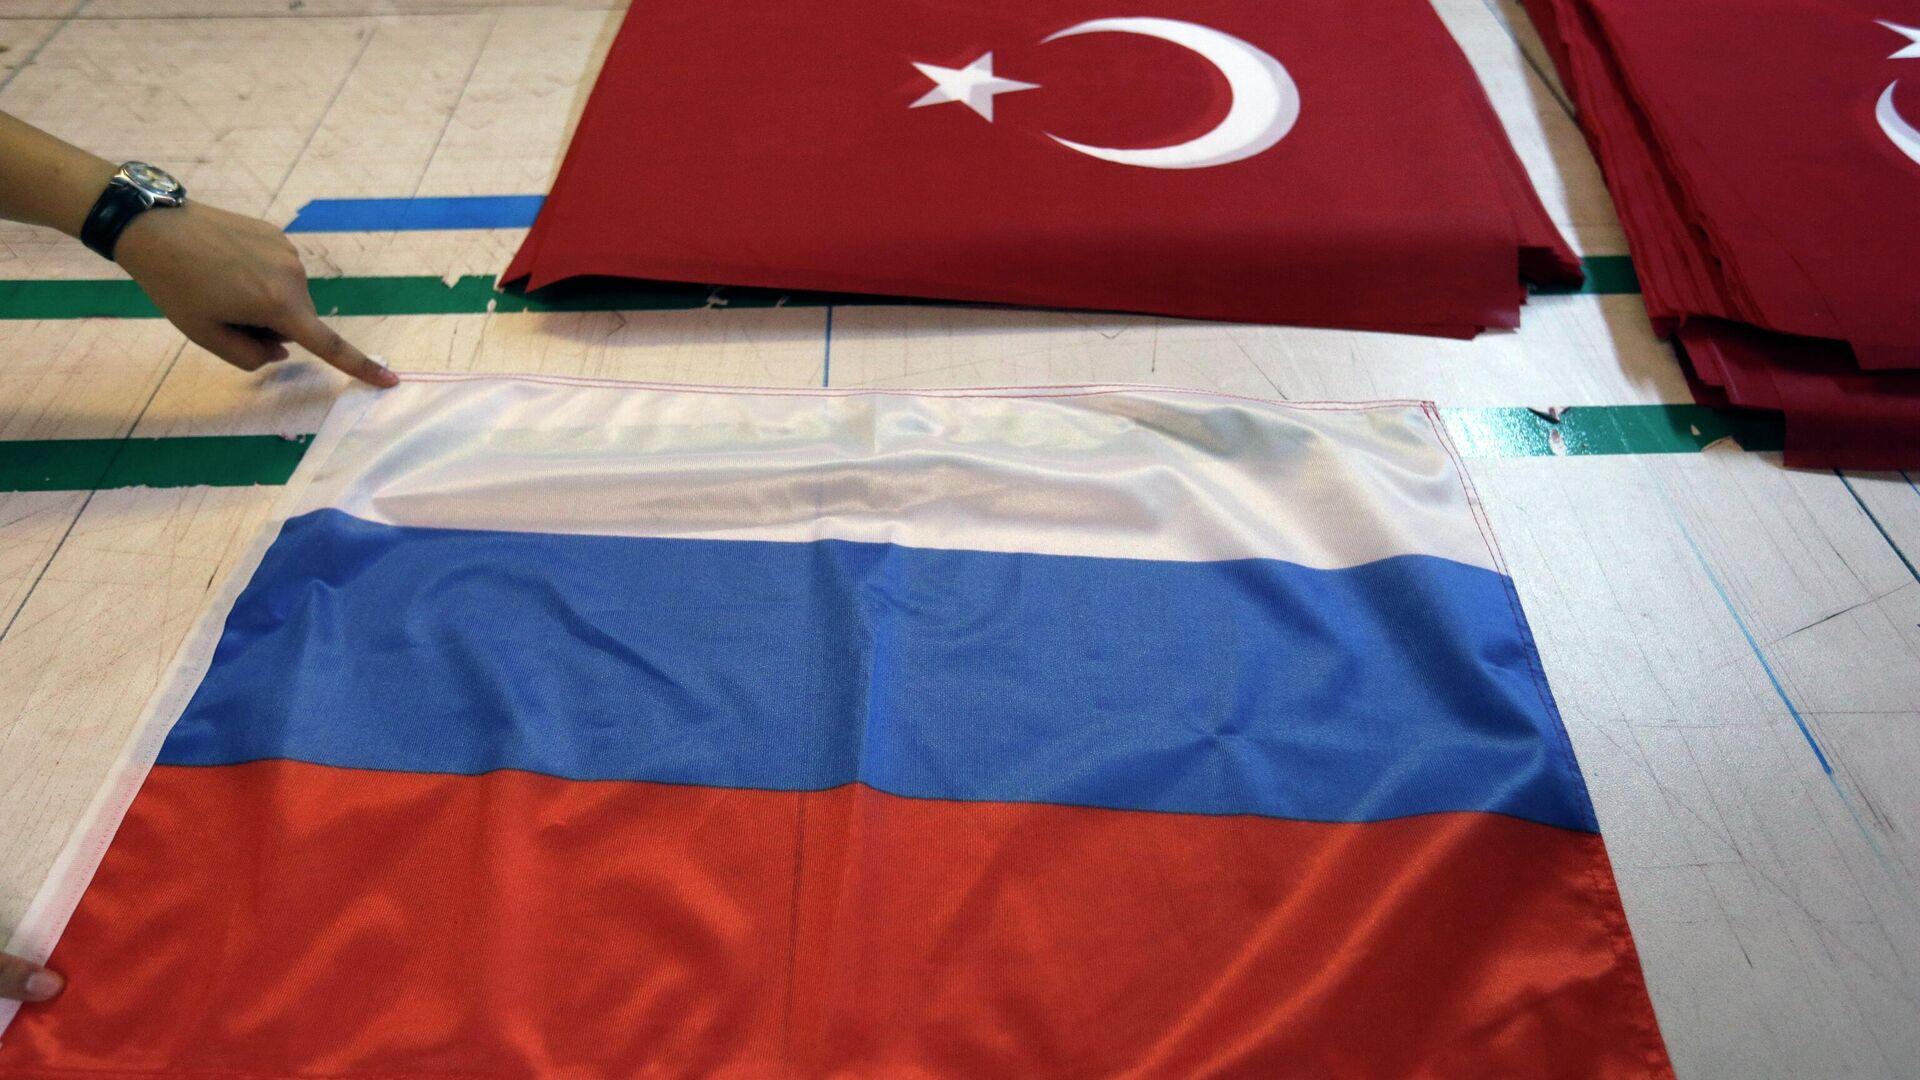 Фабрика по производству флагов в Стамбуле - РИА Новости, 1920, 29.09.2021